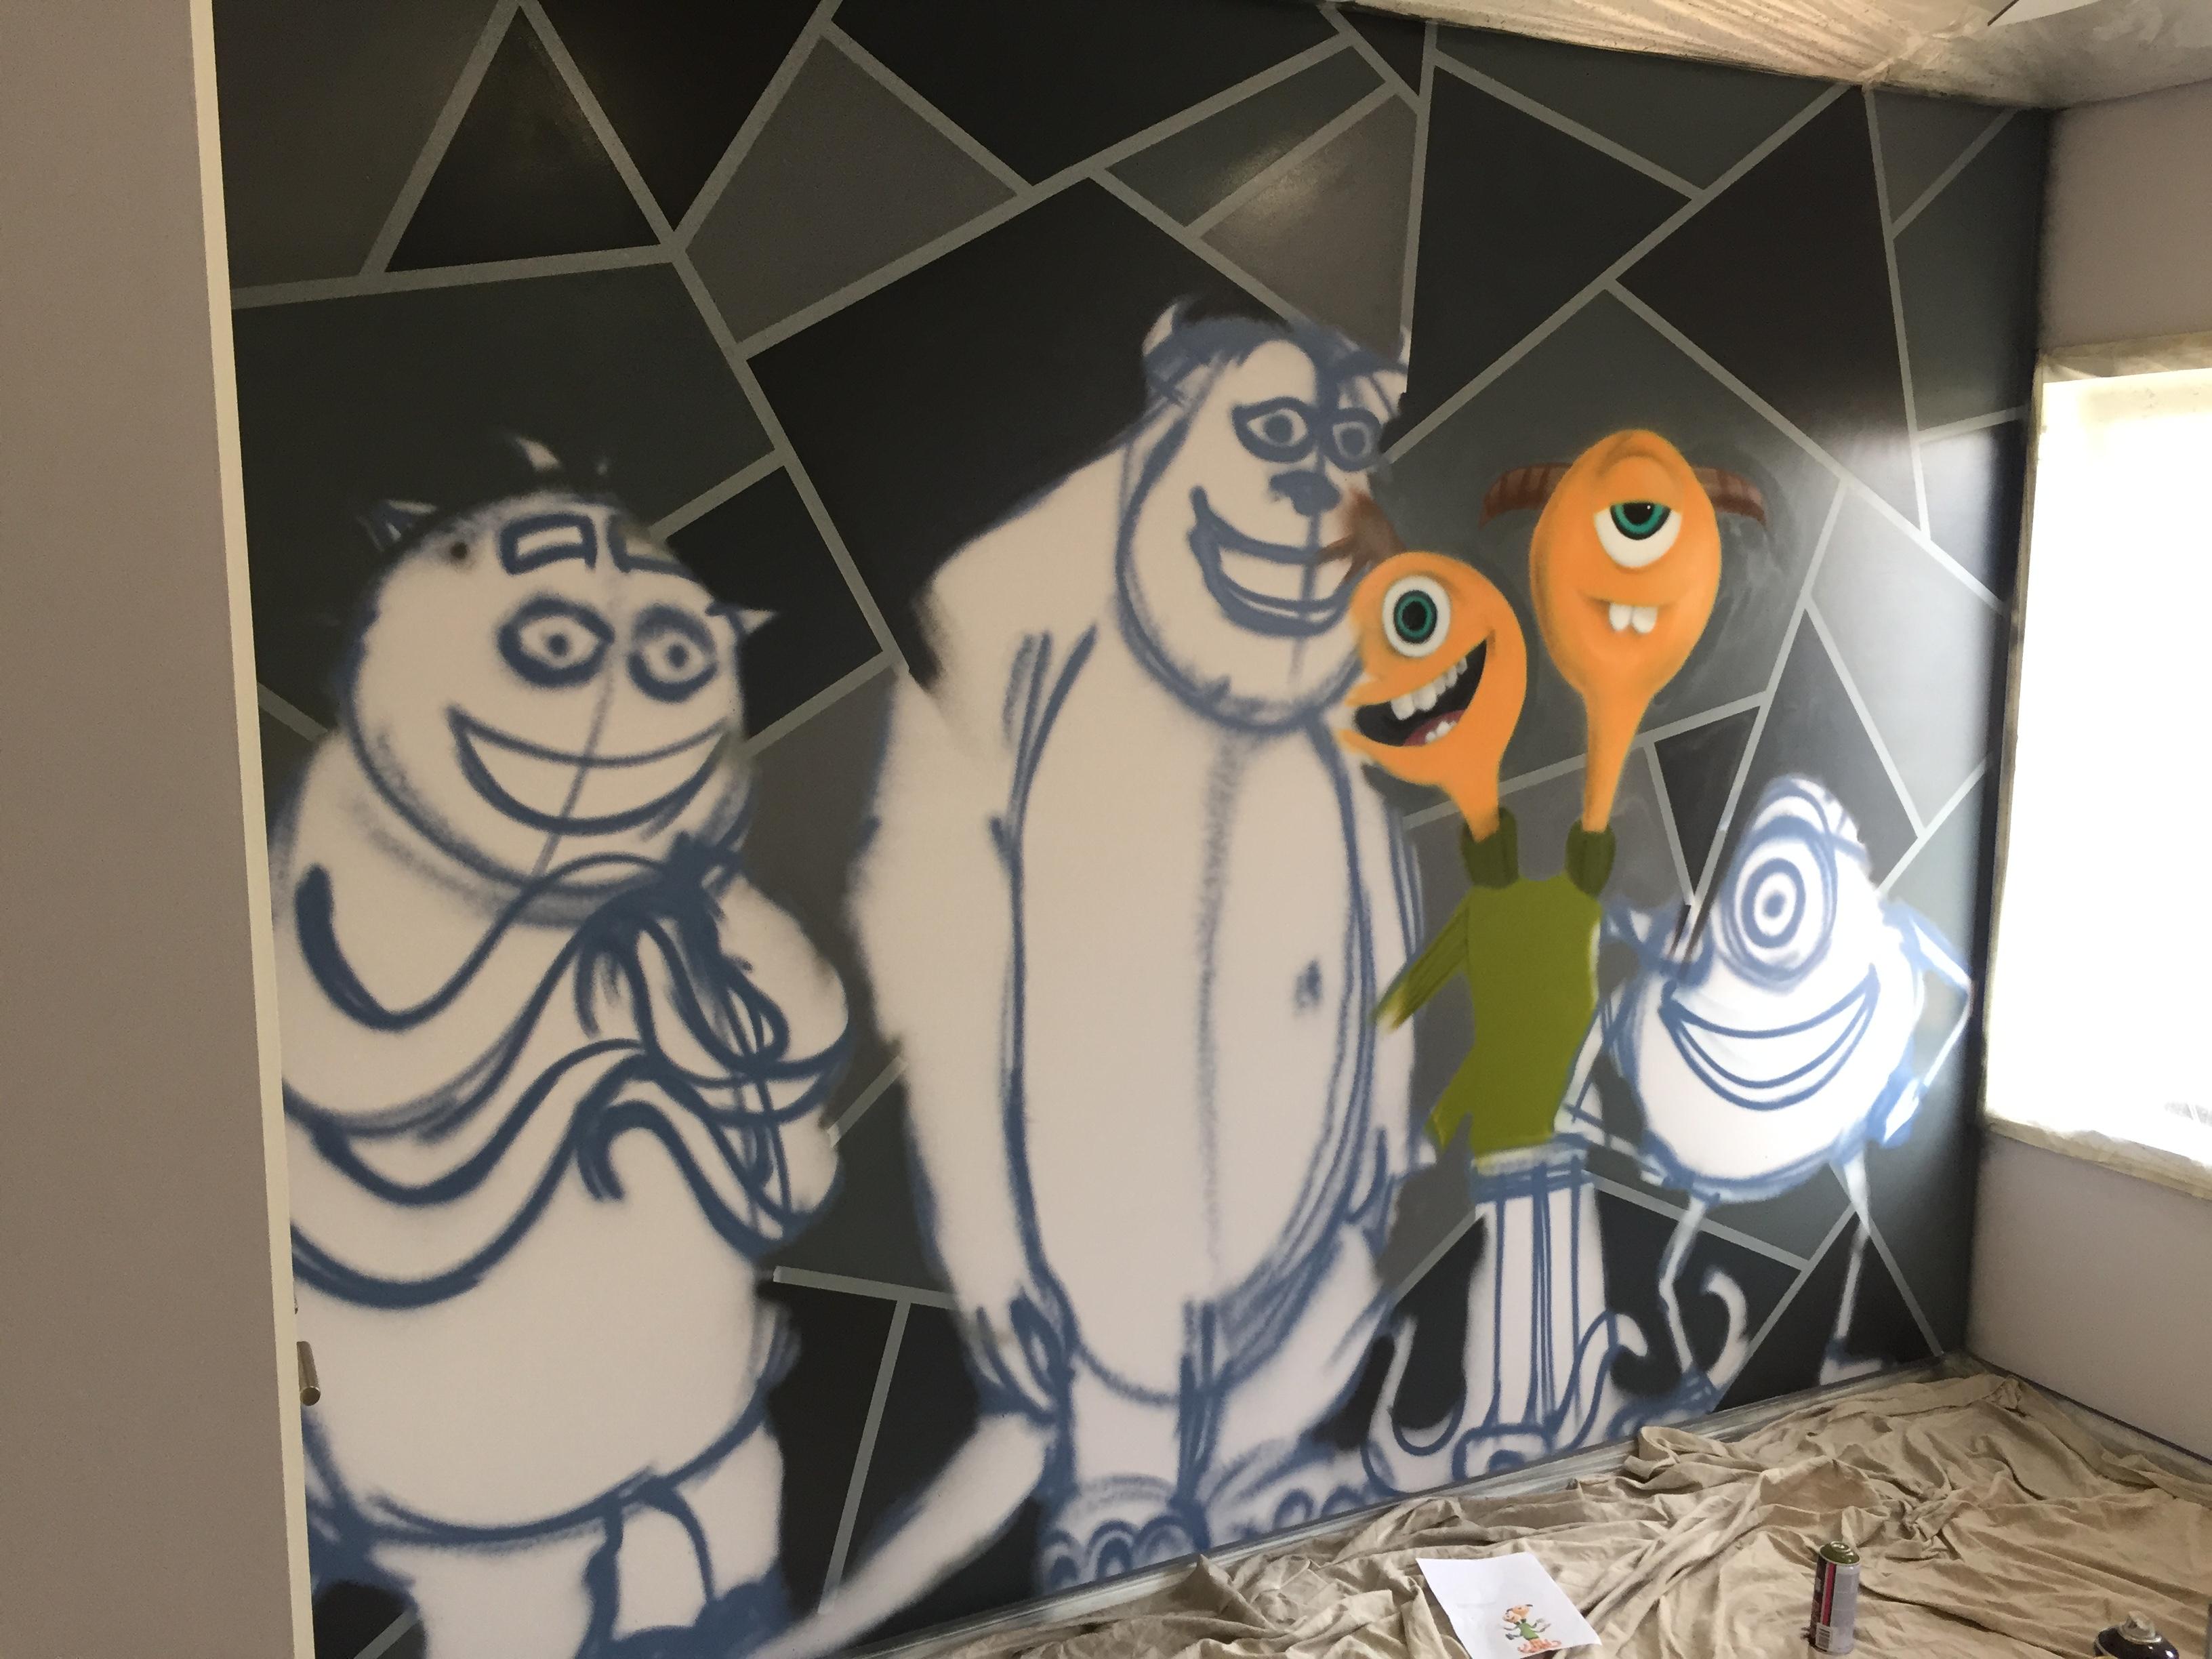 monsters inc kids bedroom mural